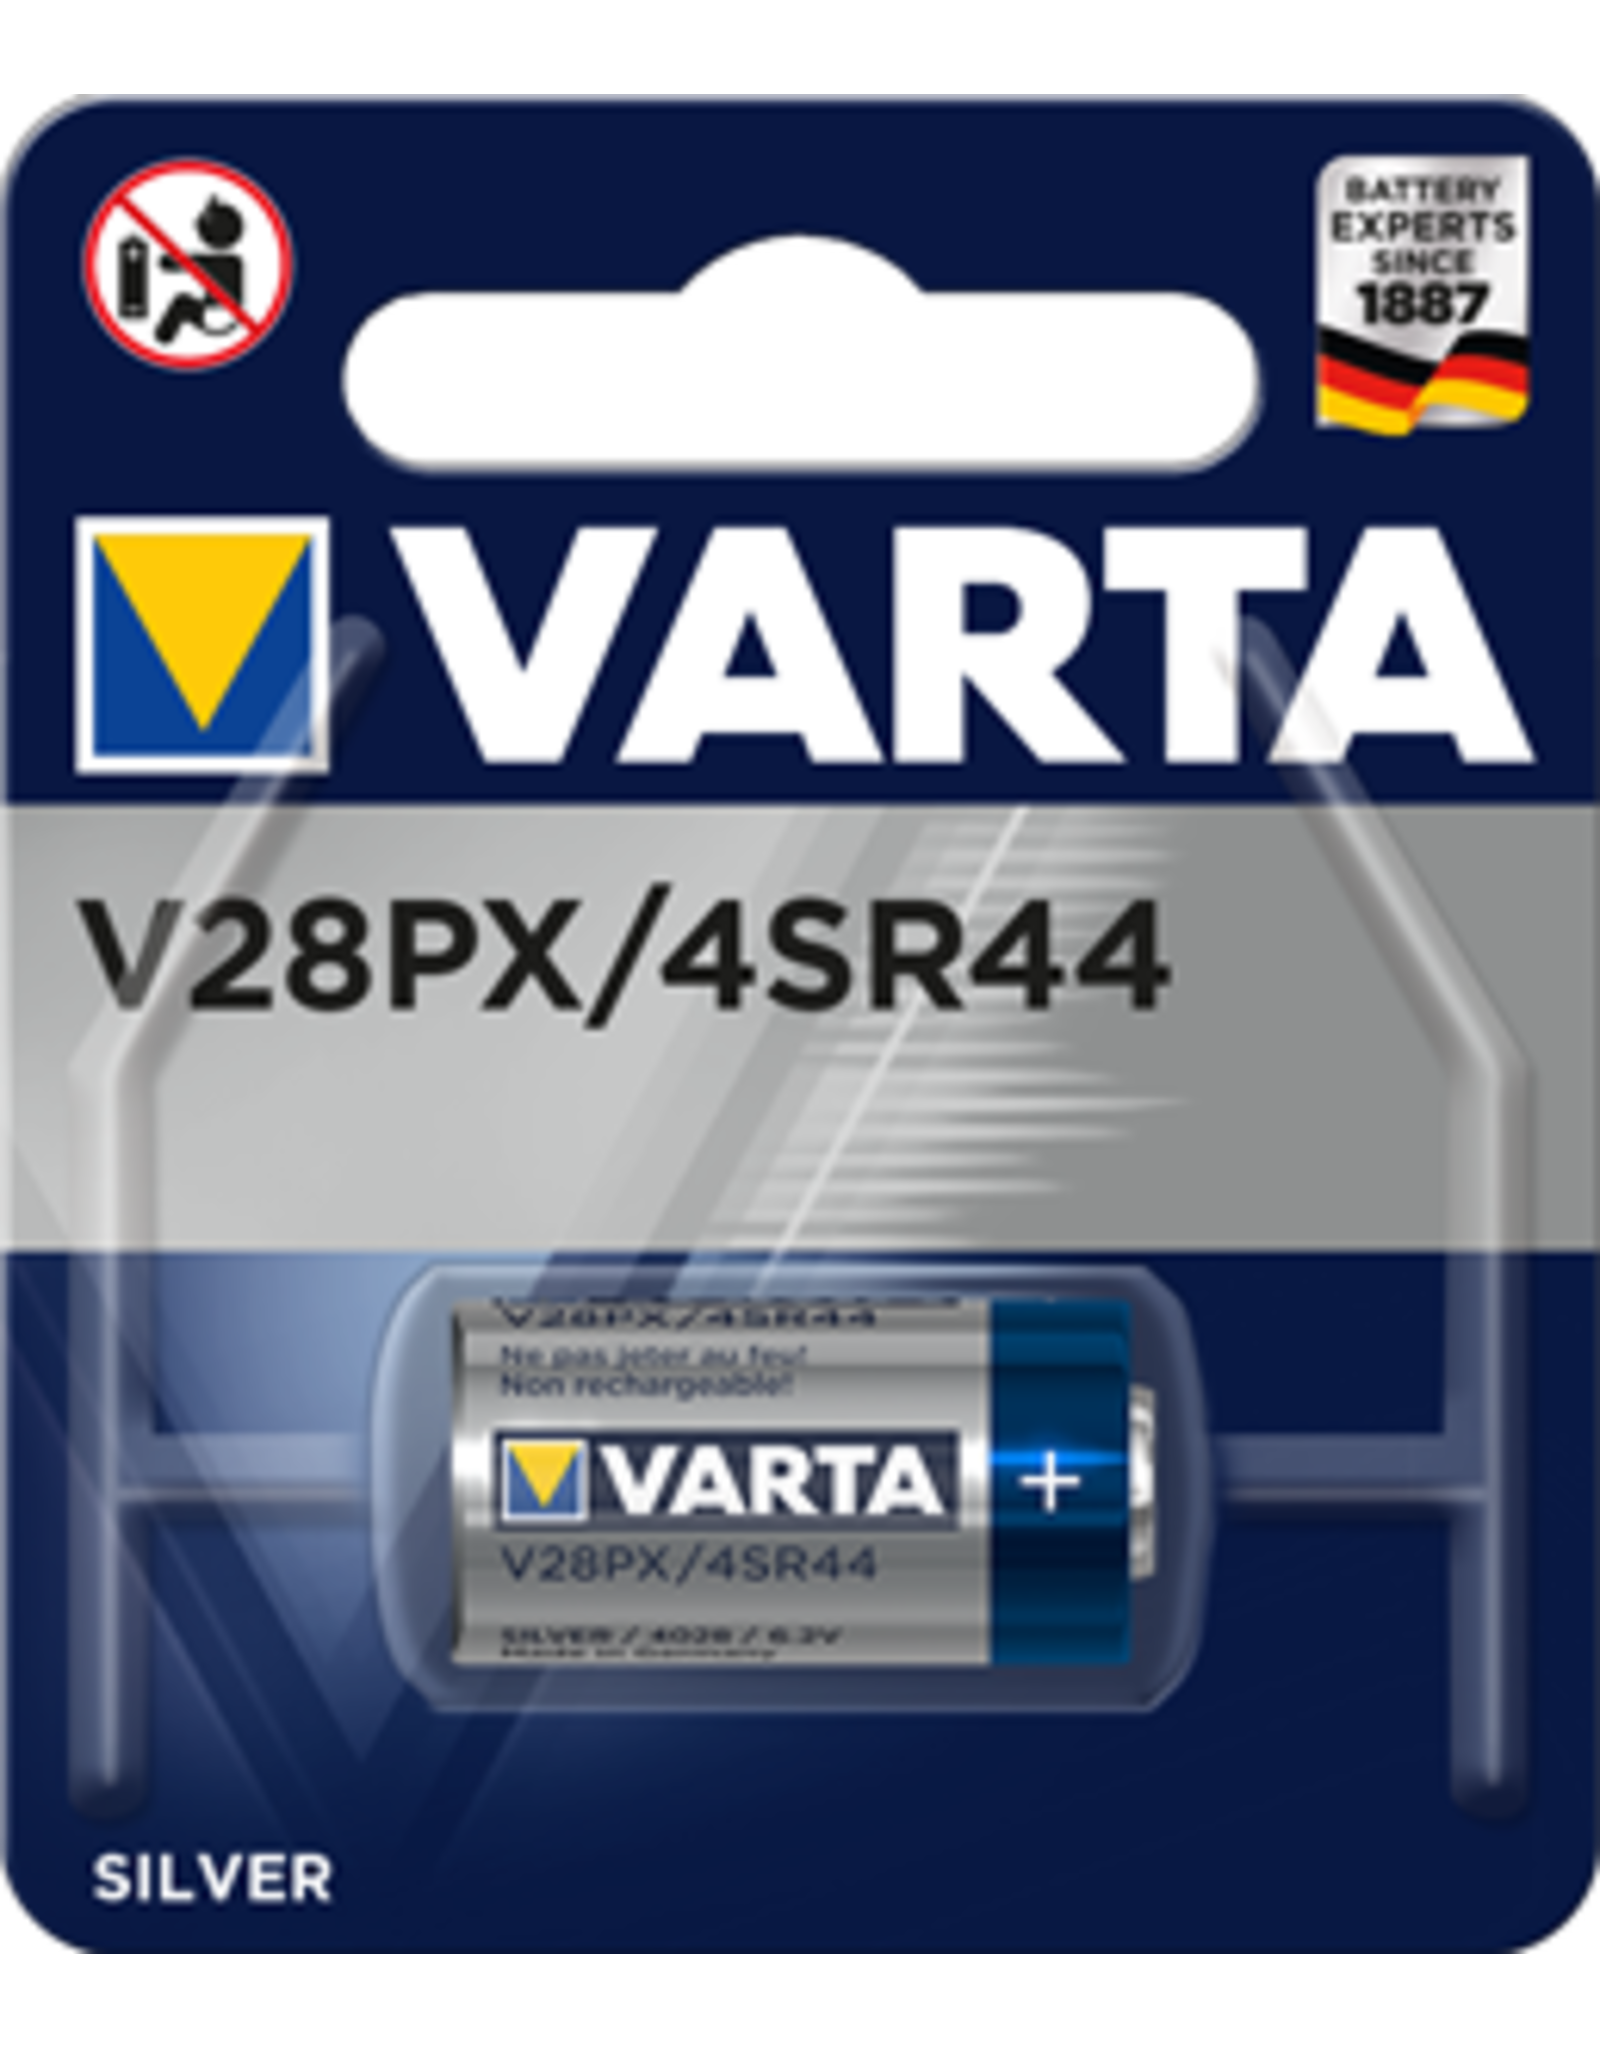 Varta Varta V-28PXL 6 Volt Lithium Battery